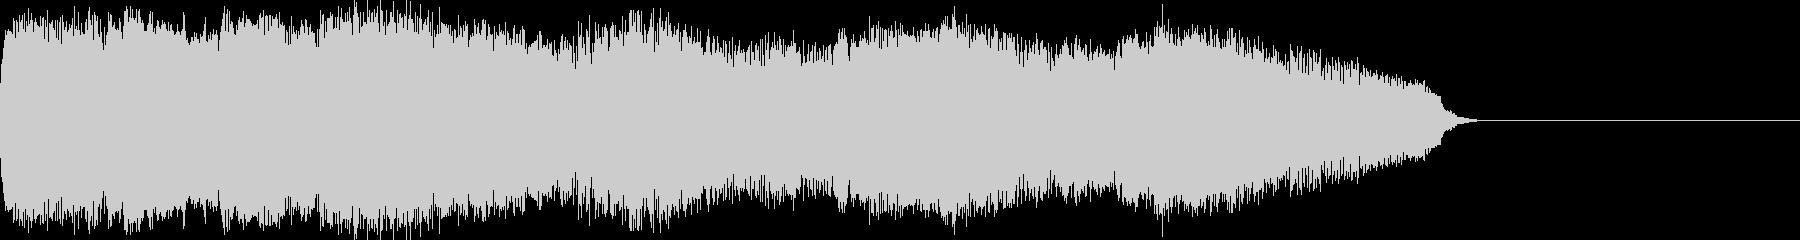 悲しいさみしいBGM クラシカル 15秒の未再生の波形